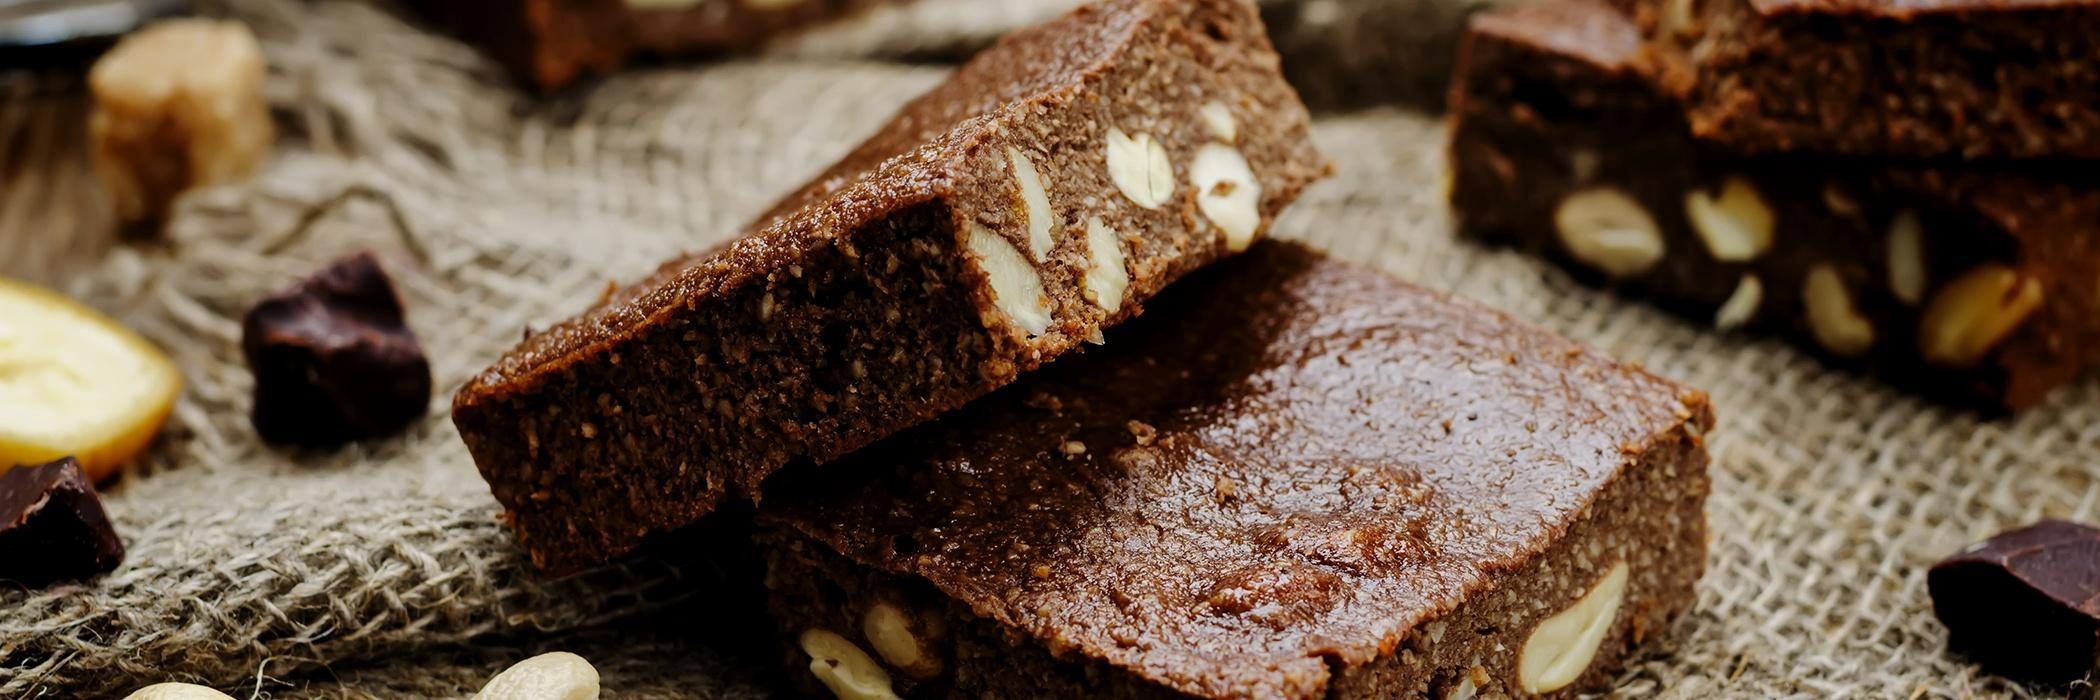 merendina al cioccolato e cereali